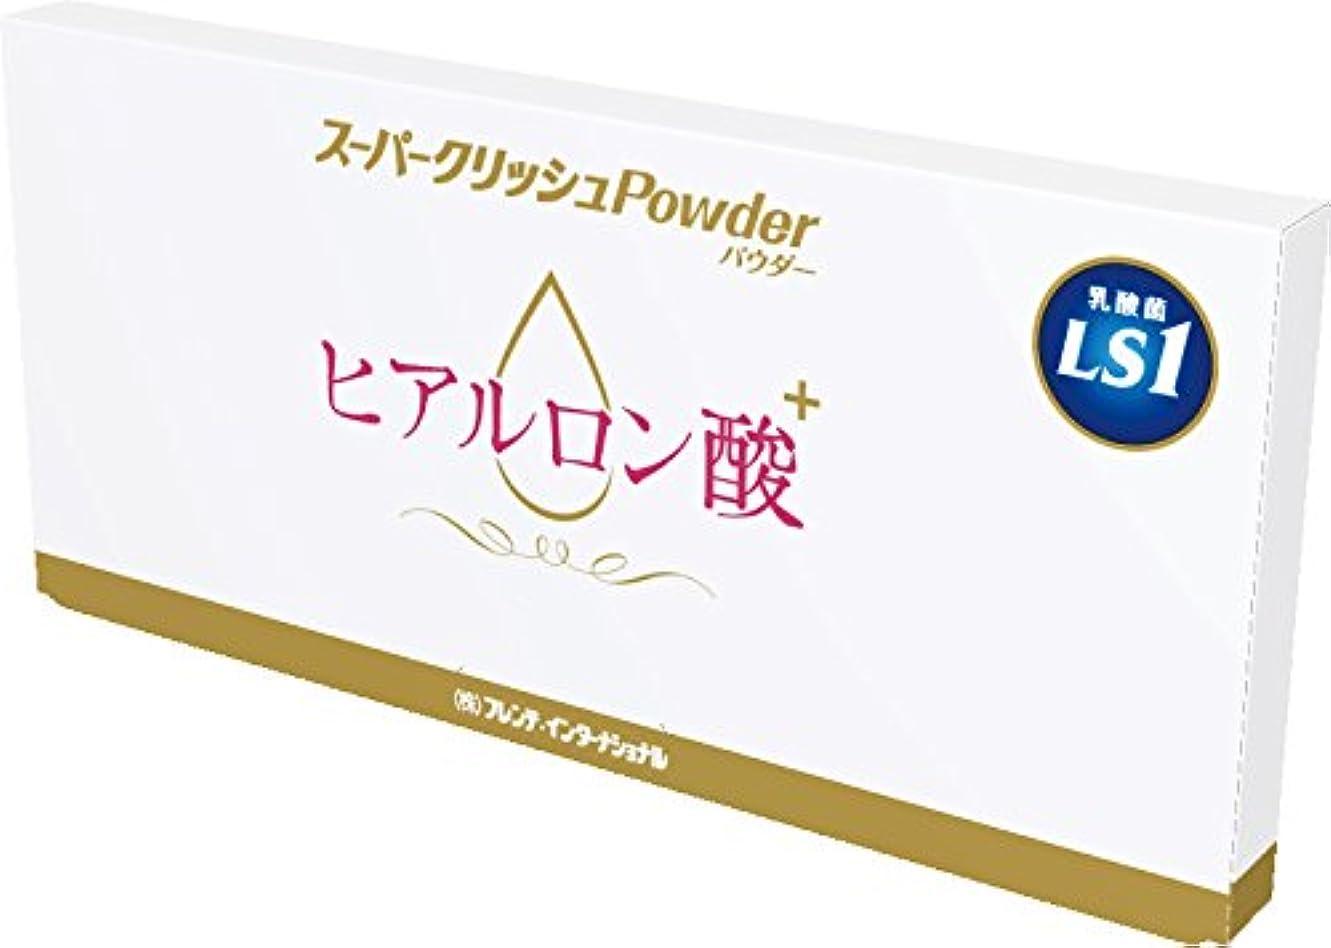 ハチまろやかな子音スーパークリッシュ 【お口の乳酸菌+ヒアルロン酸】 Powder